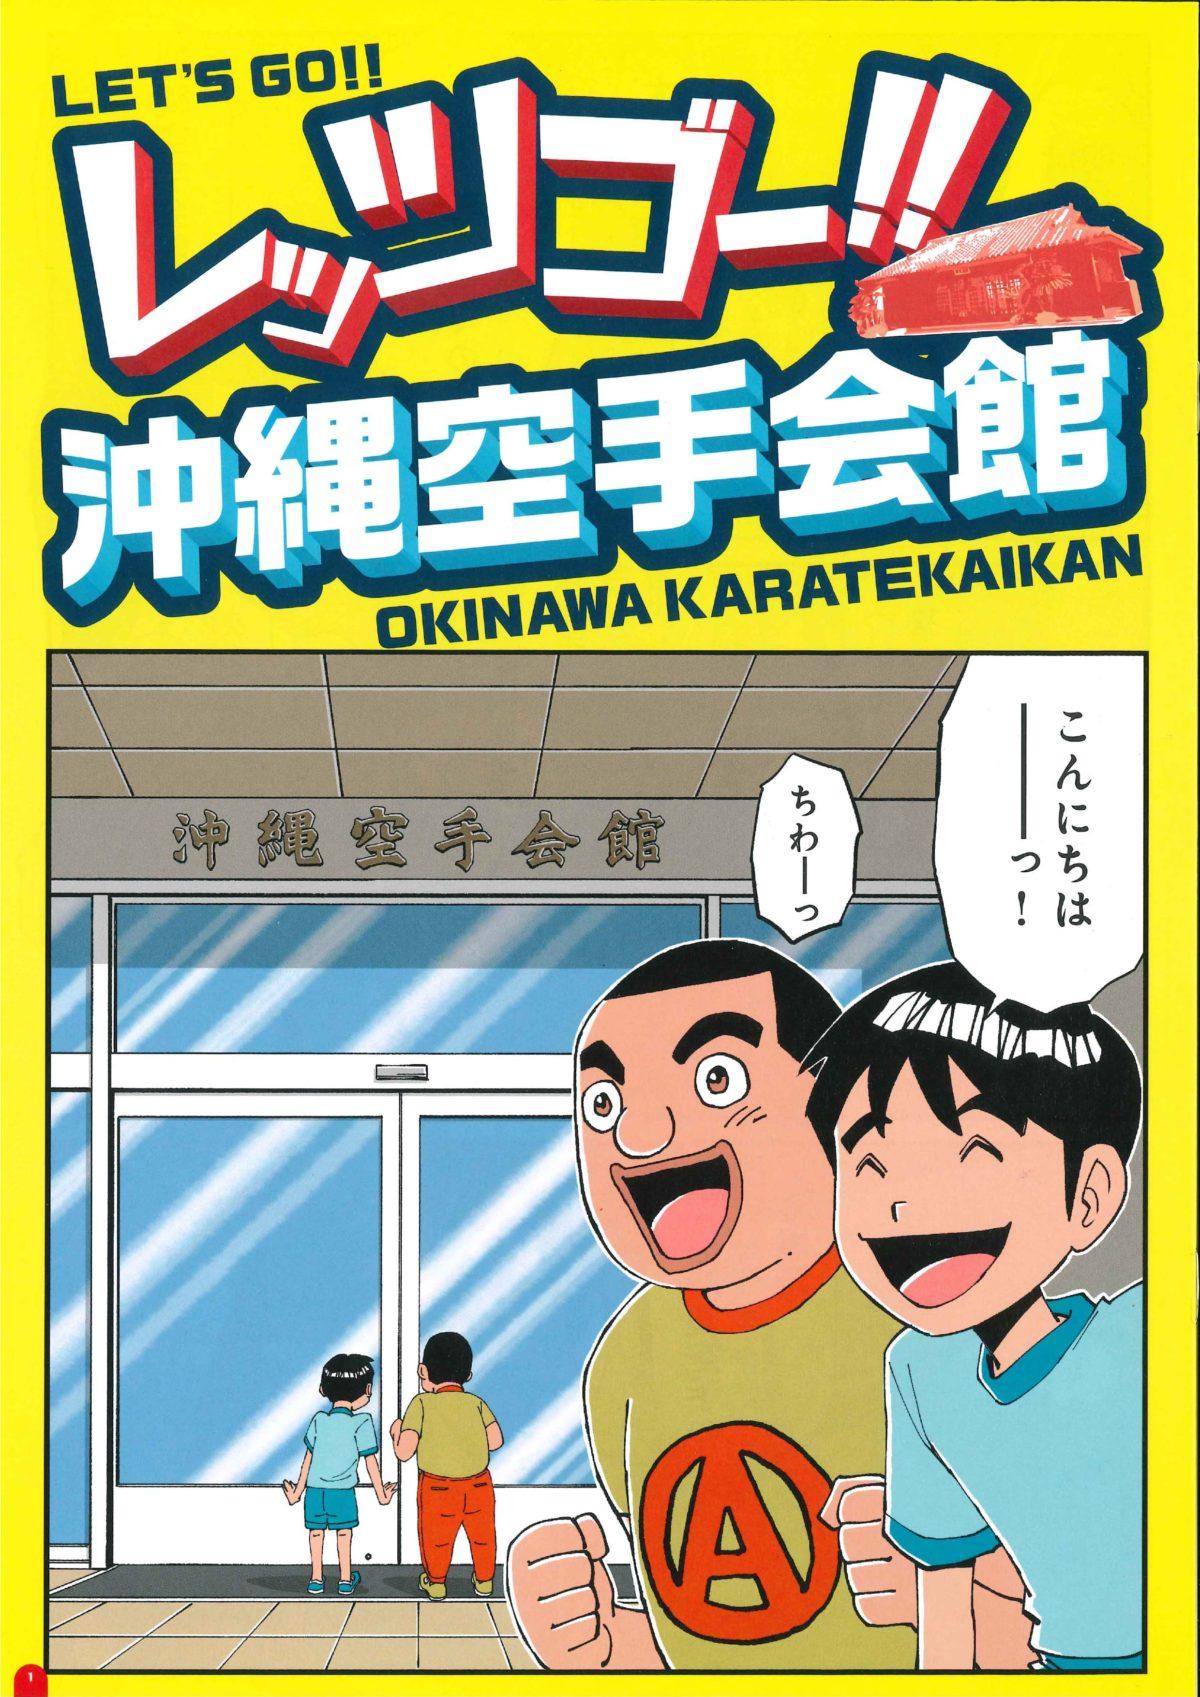 「レッツゴー‼︎ 沖縄空手会館」マンガパンフレットやりました!